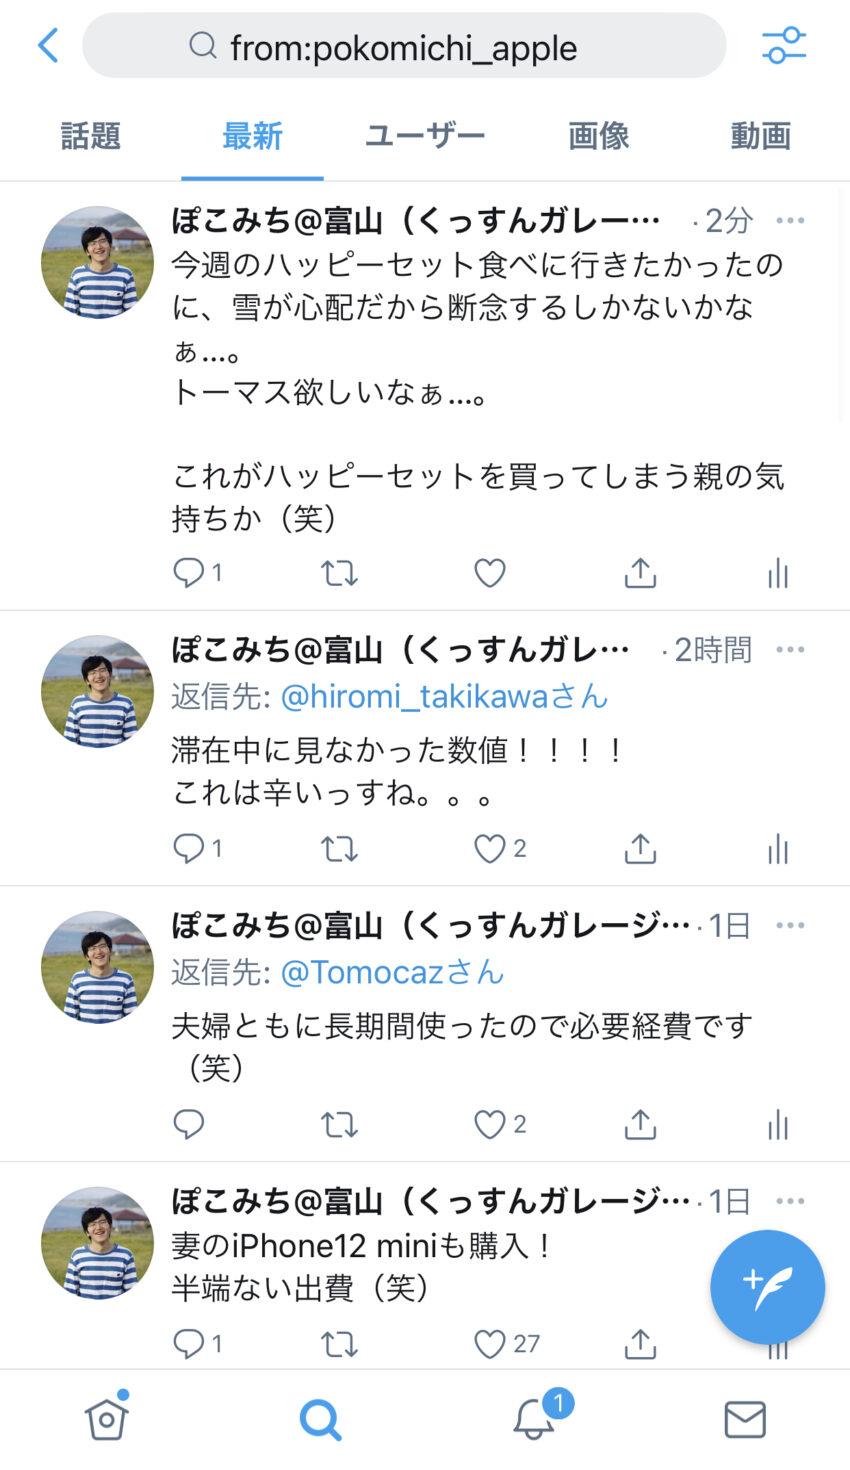 検索コマンド from検索